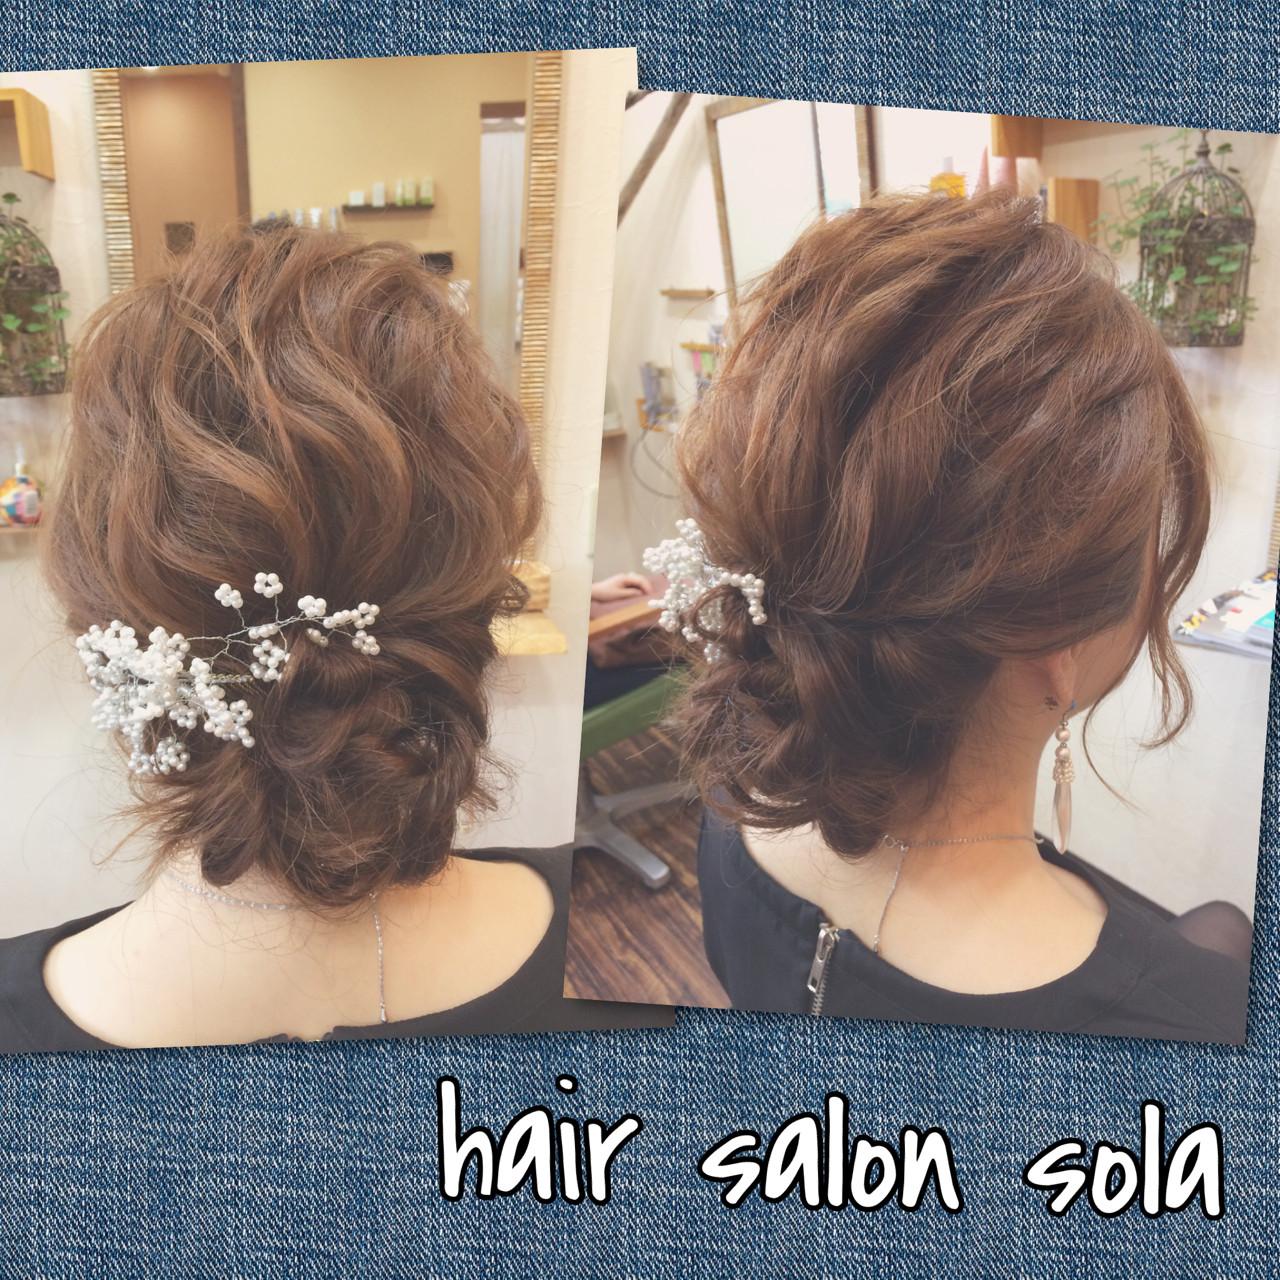 ゆるふわ ショート 簡単ヘアアレンジ アップスタイル ヘアスタイルや髪型の写真・画像 | 内藤彰紀 / hair salon sola